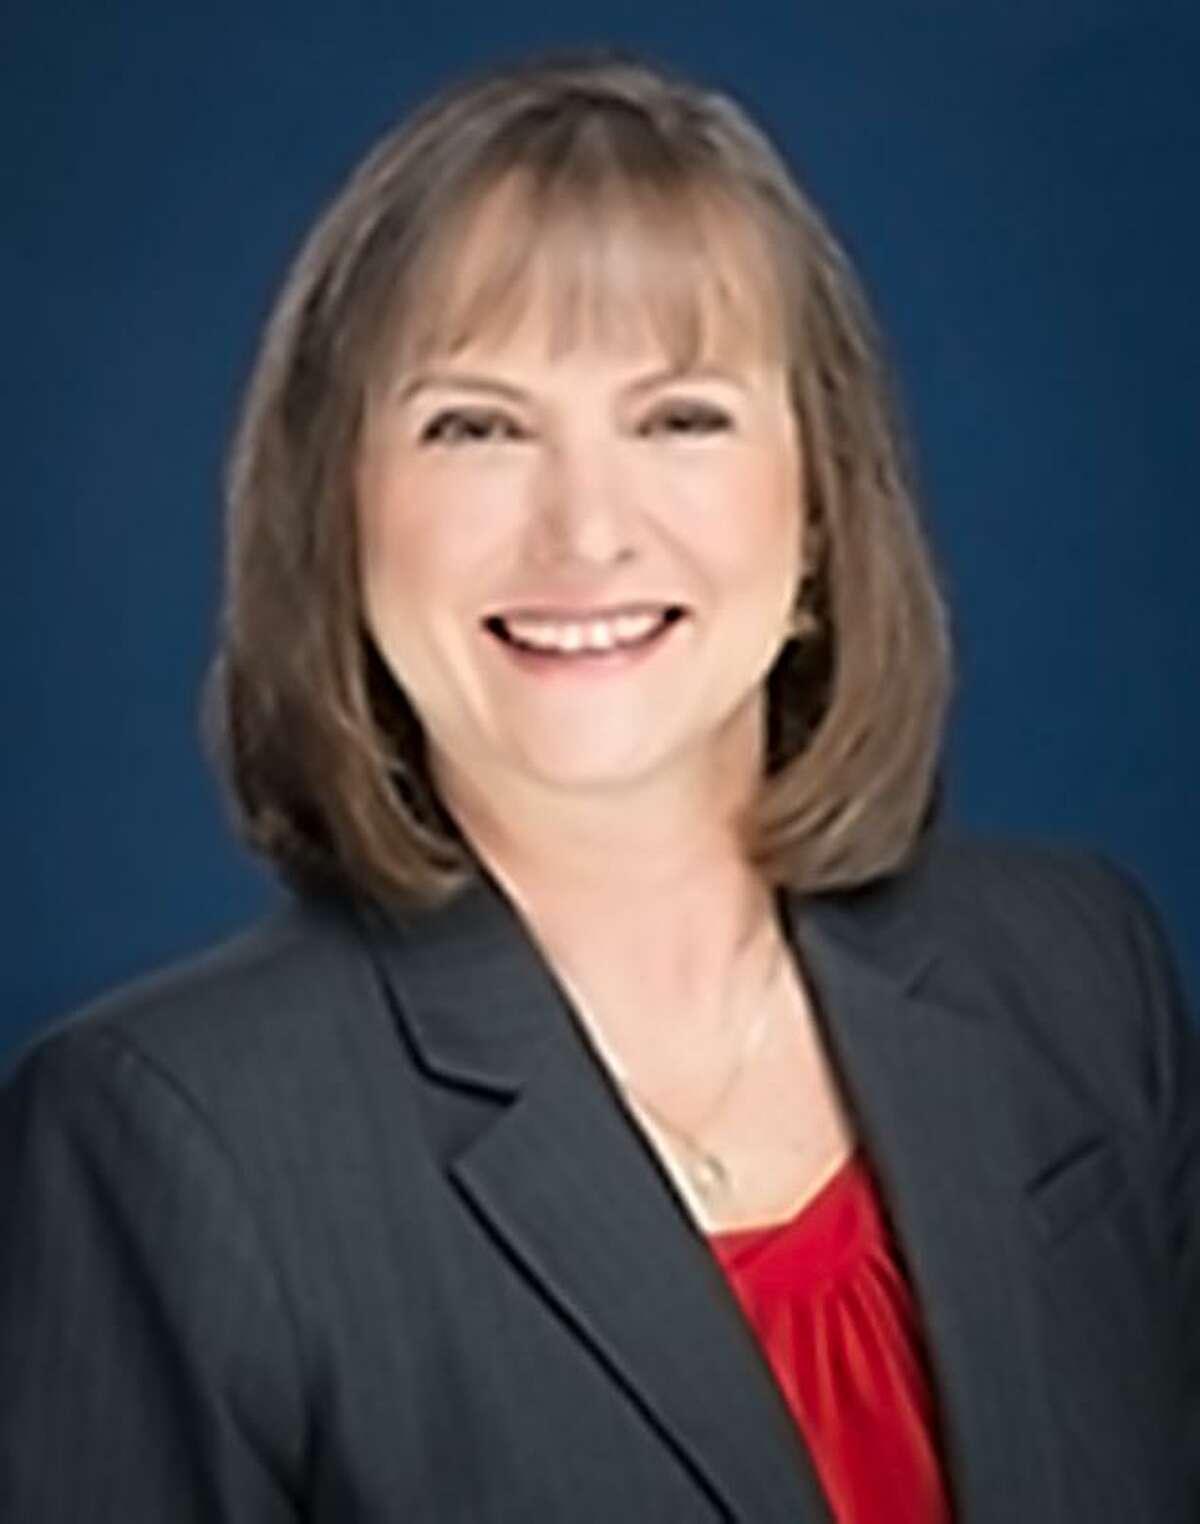 DeAnn Walker, Public Utilities Chairwoman